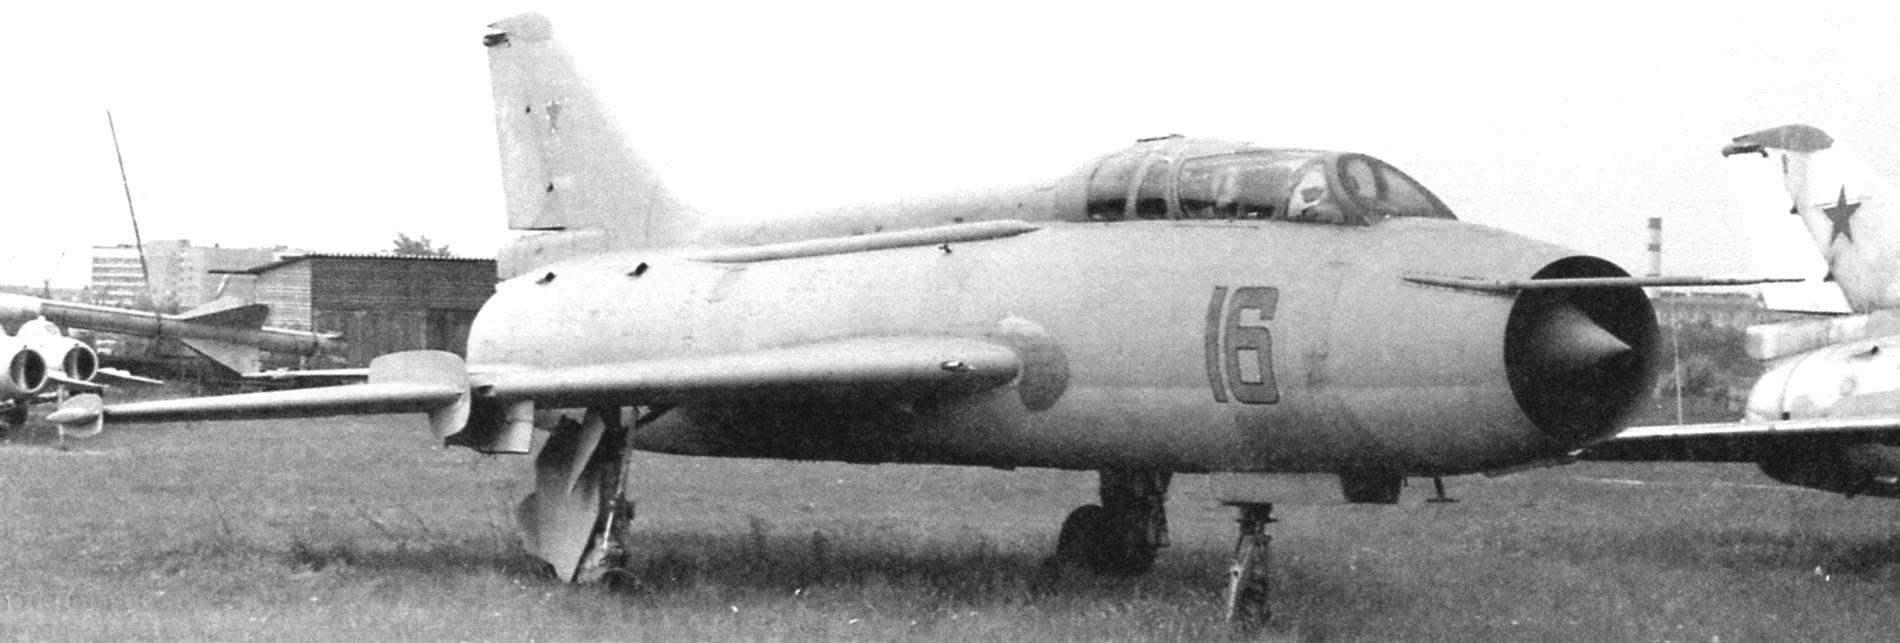 Самолёт Су-7У